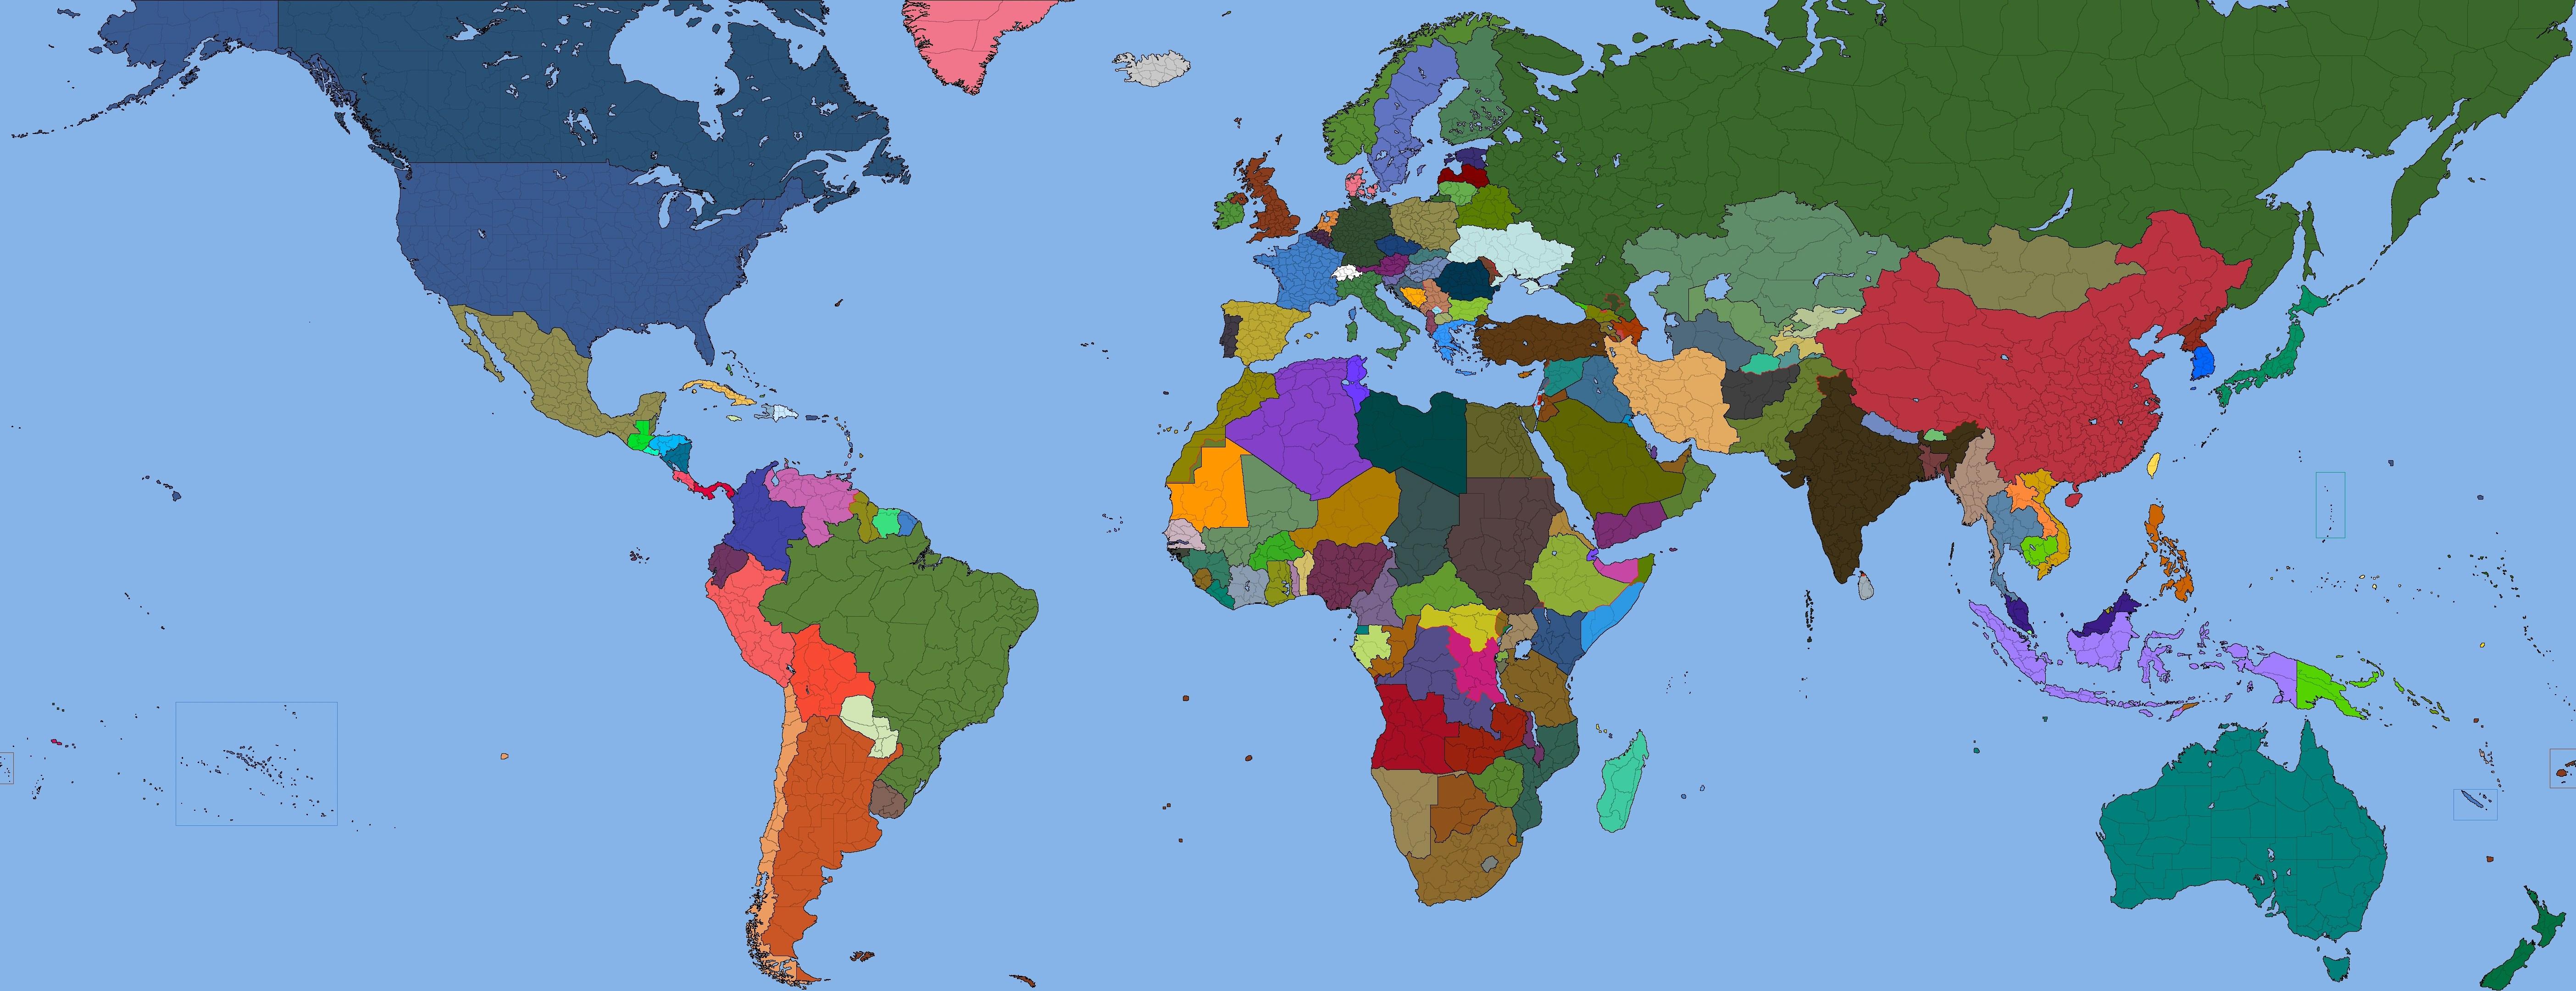 List Of Maps Facepunch Rp Wiki Fandom